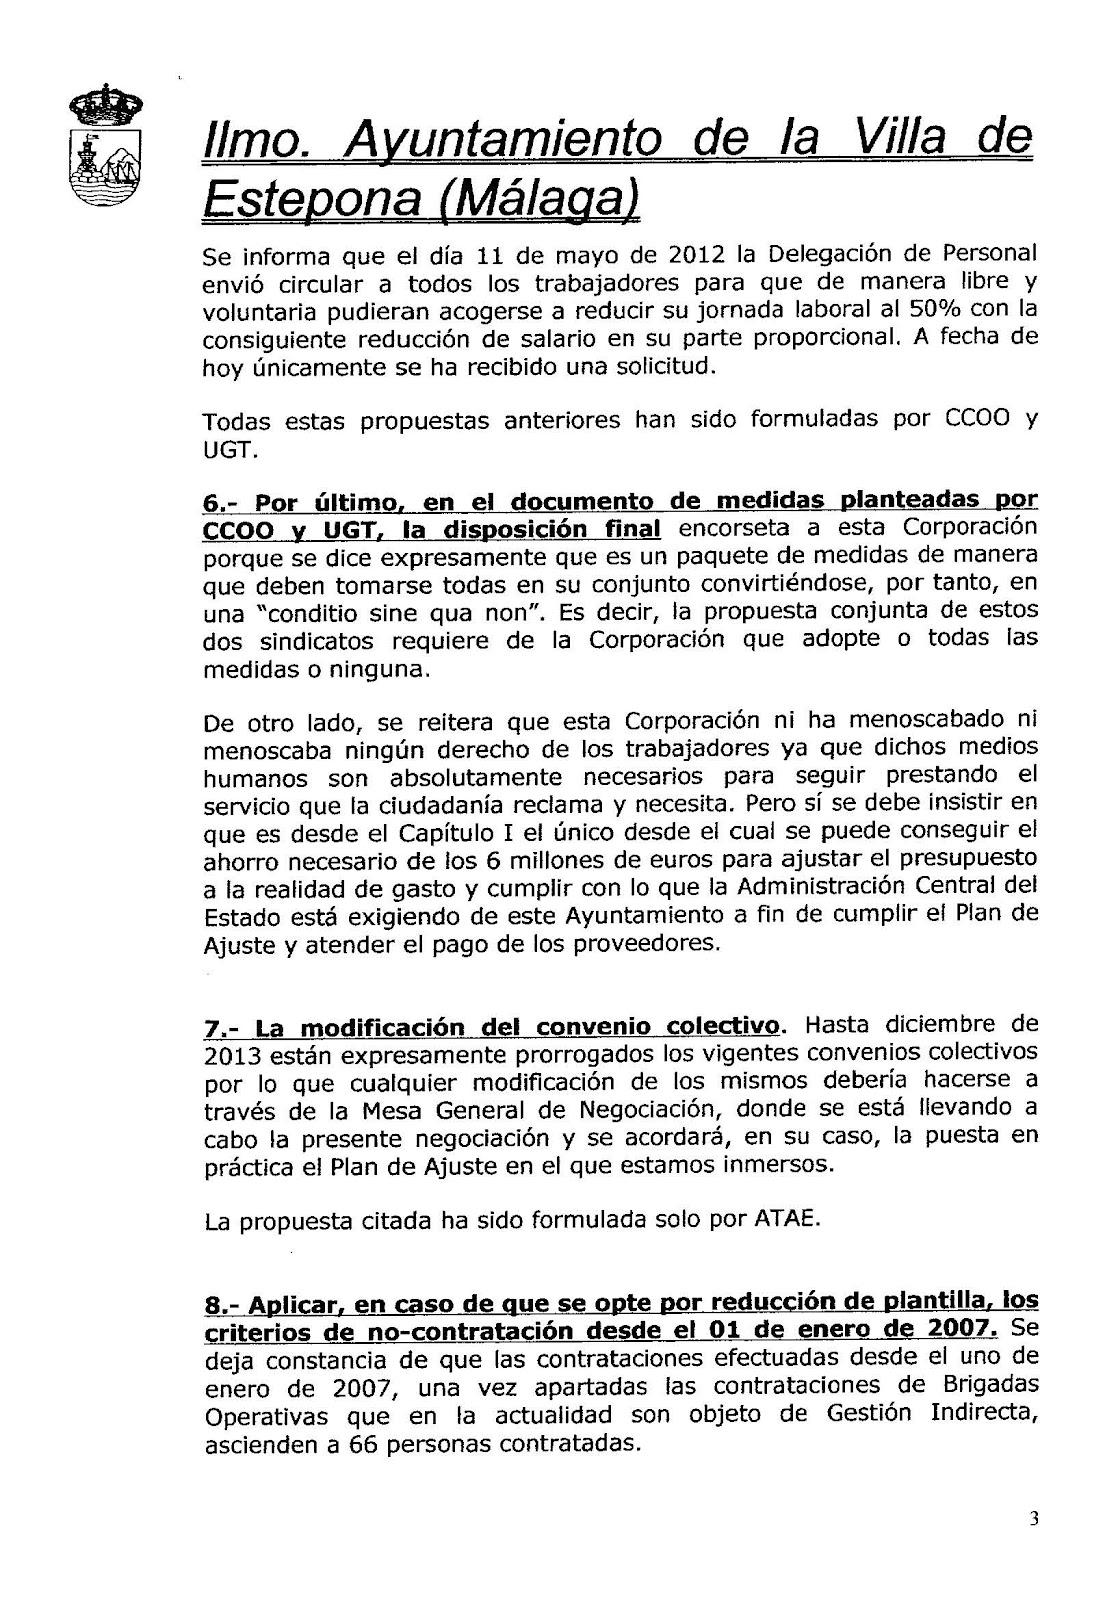 Secciones Sindicales de CC.OO. en el Ayuntamiento de Estepona ...